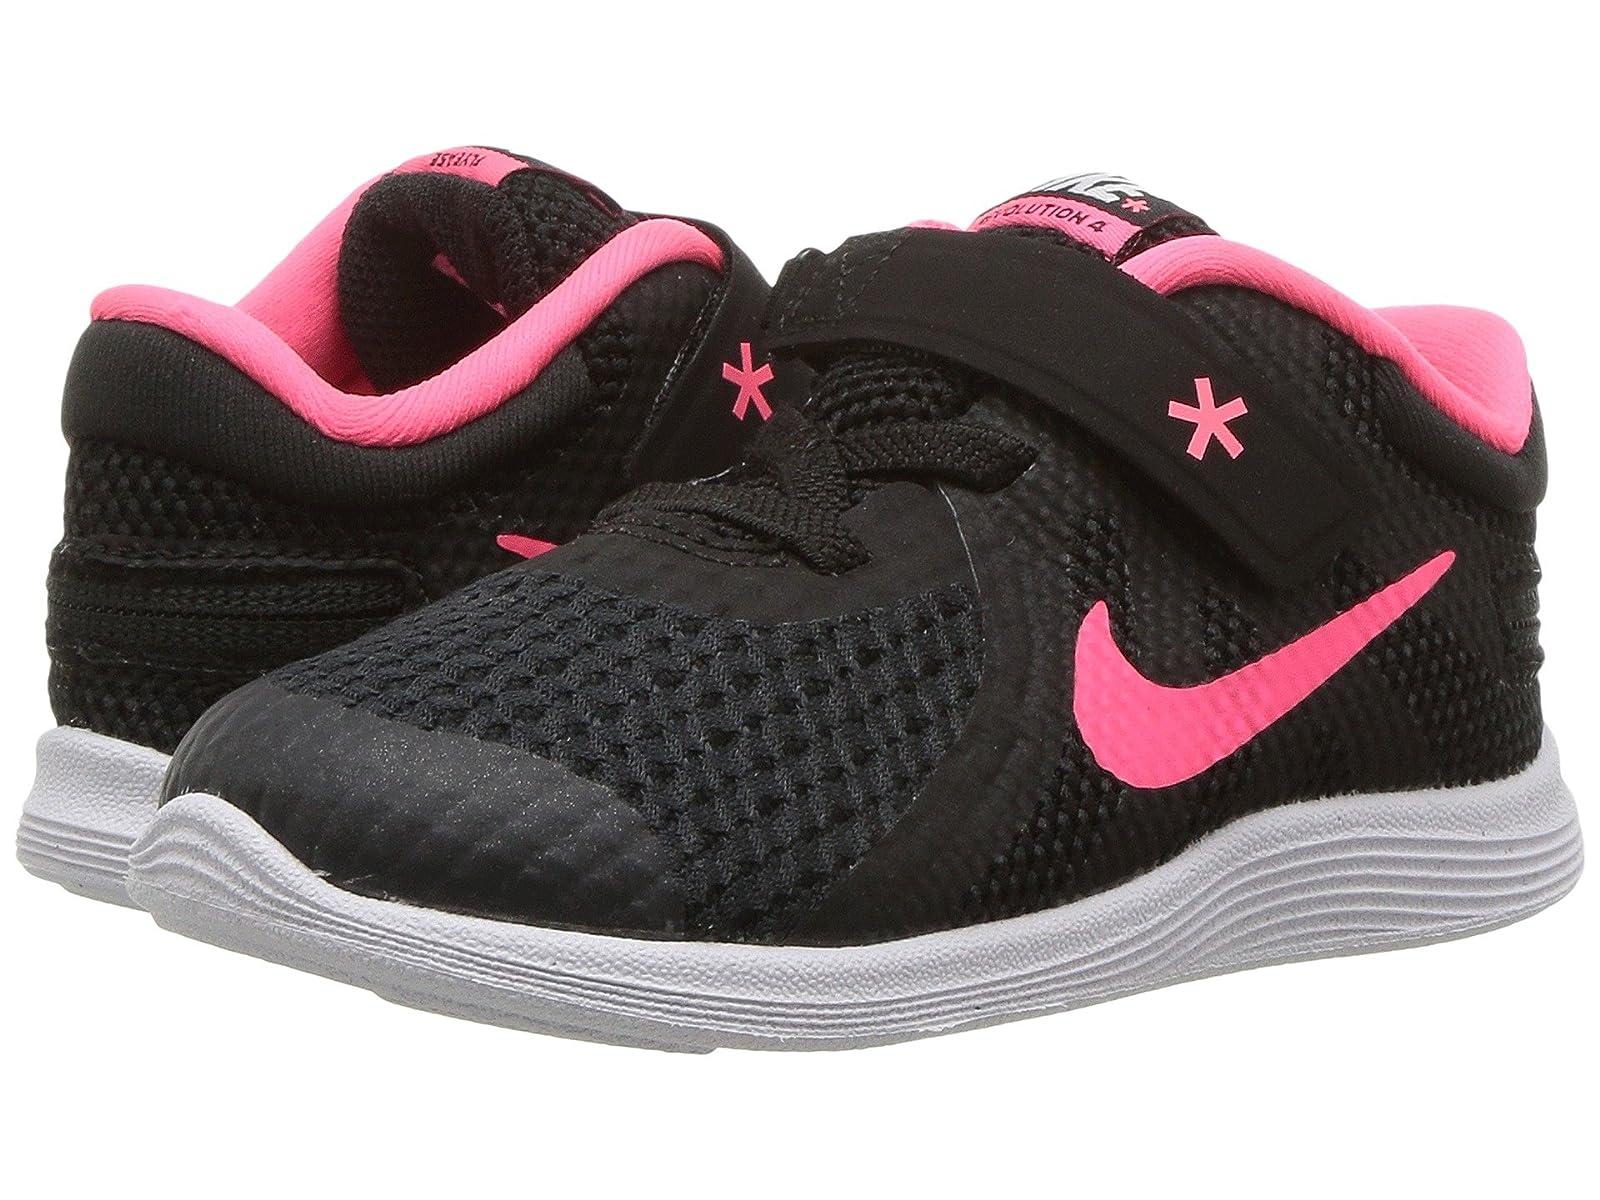 Nike Kids Revolution 4 FlyEase (Infant/Toddler)Atmospheric grades have affordable shoes